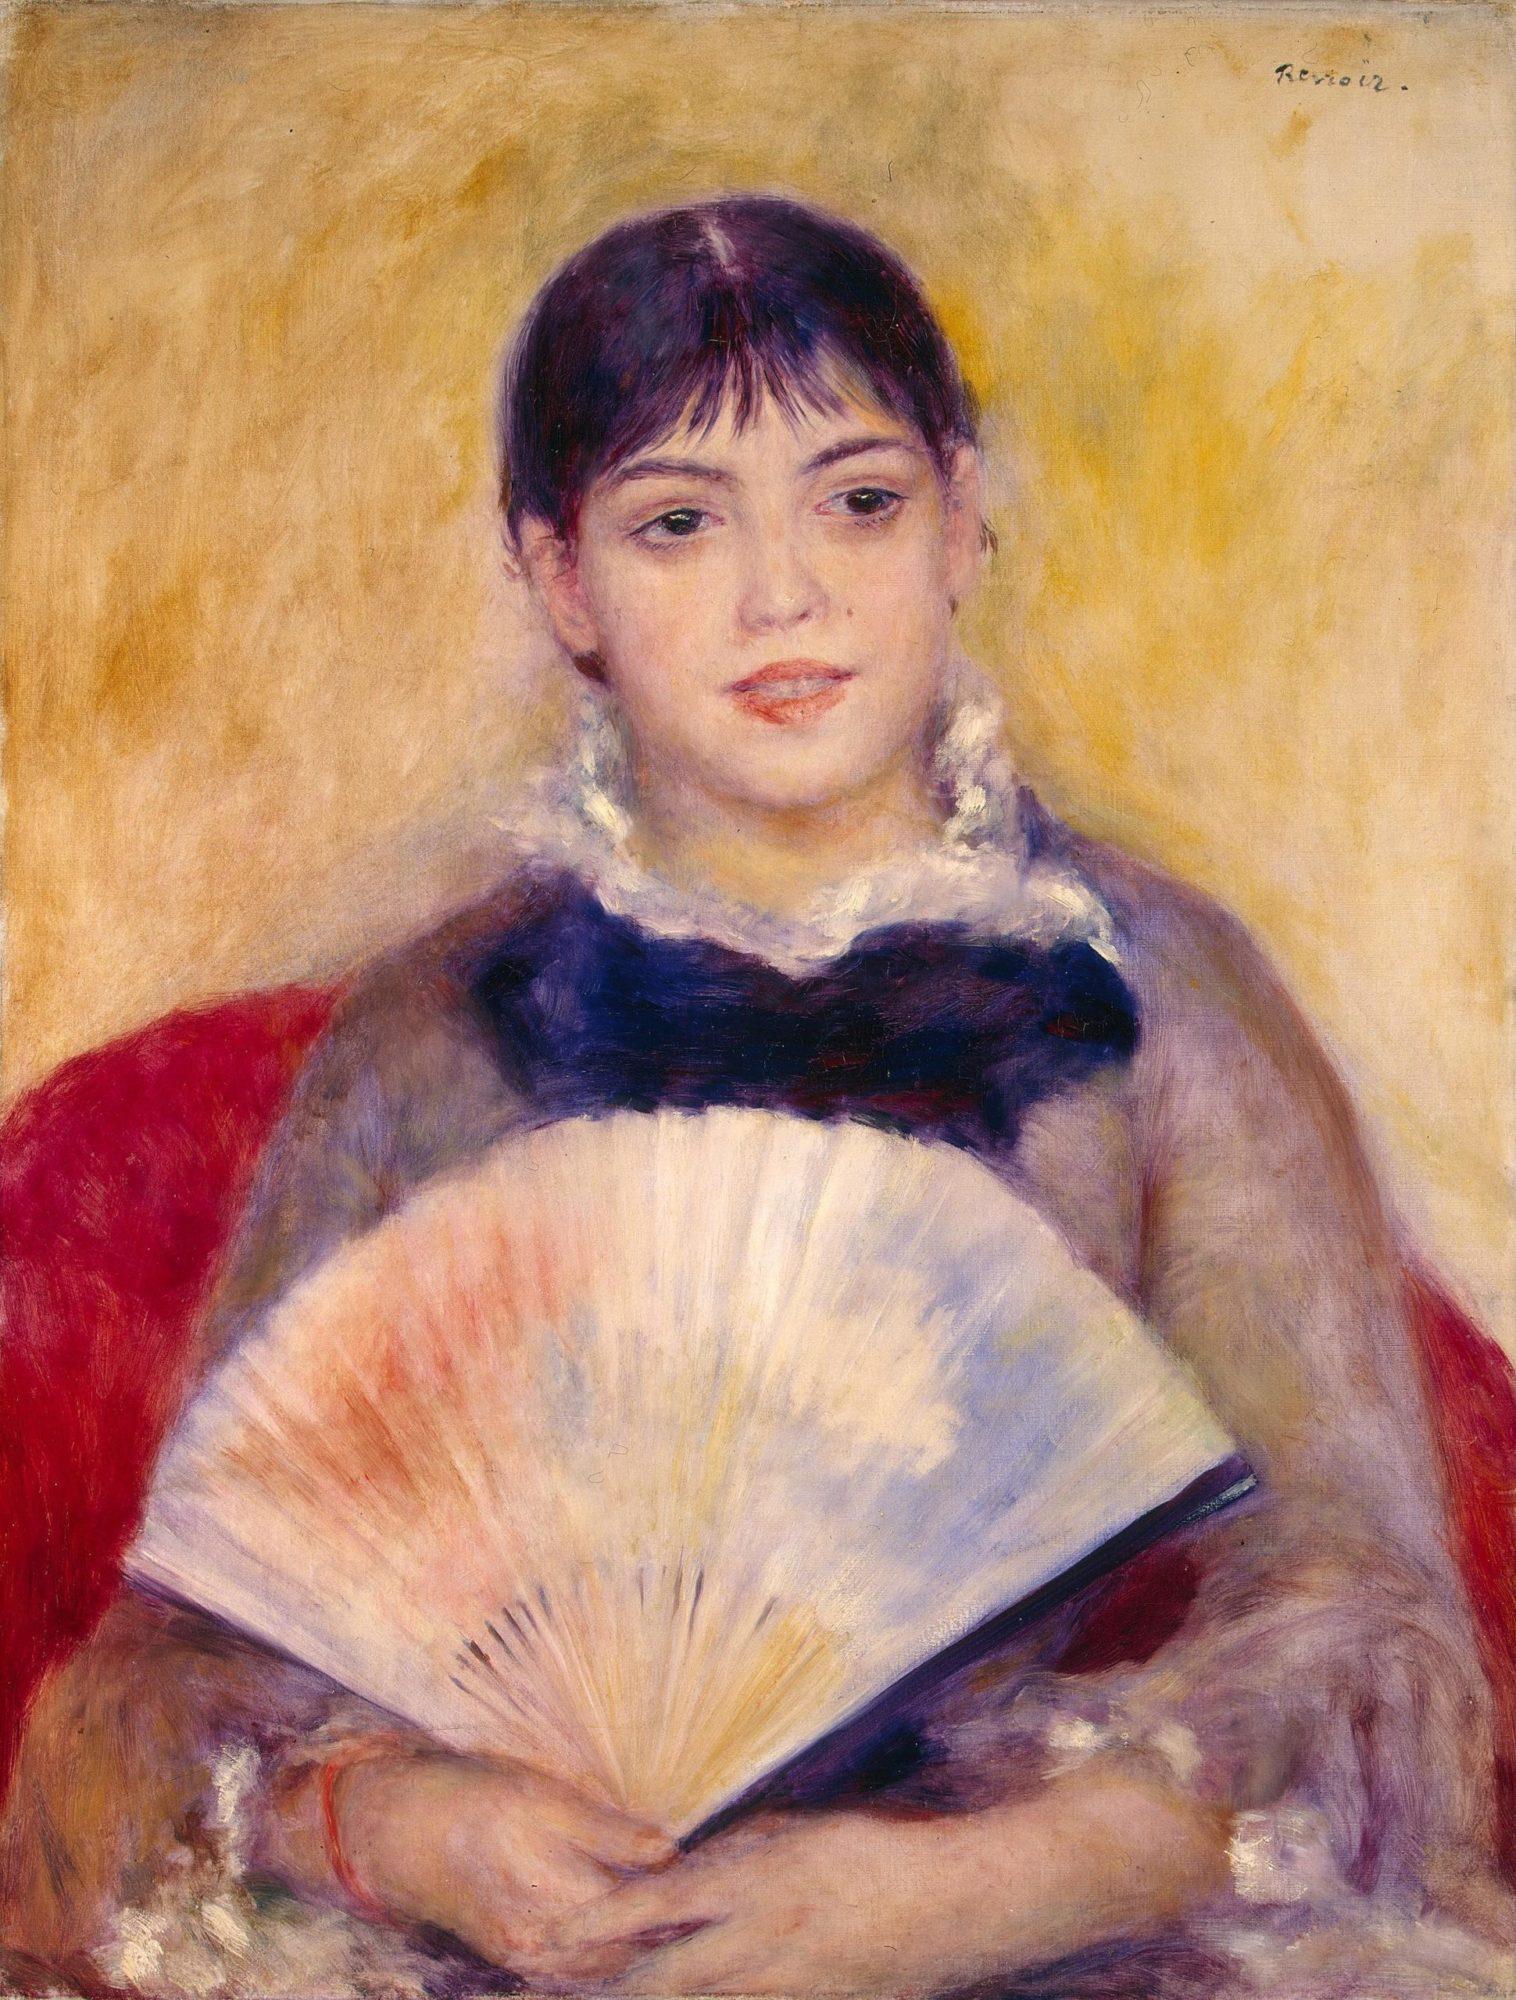 Пьер Огюст Ренуар, «Девушка с веером», 1881 год, Эрмитаж, Санкт-Петербург.